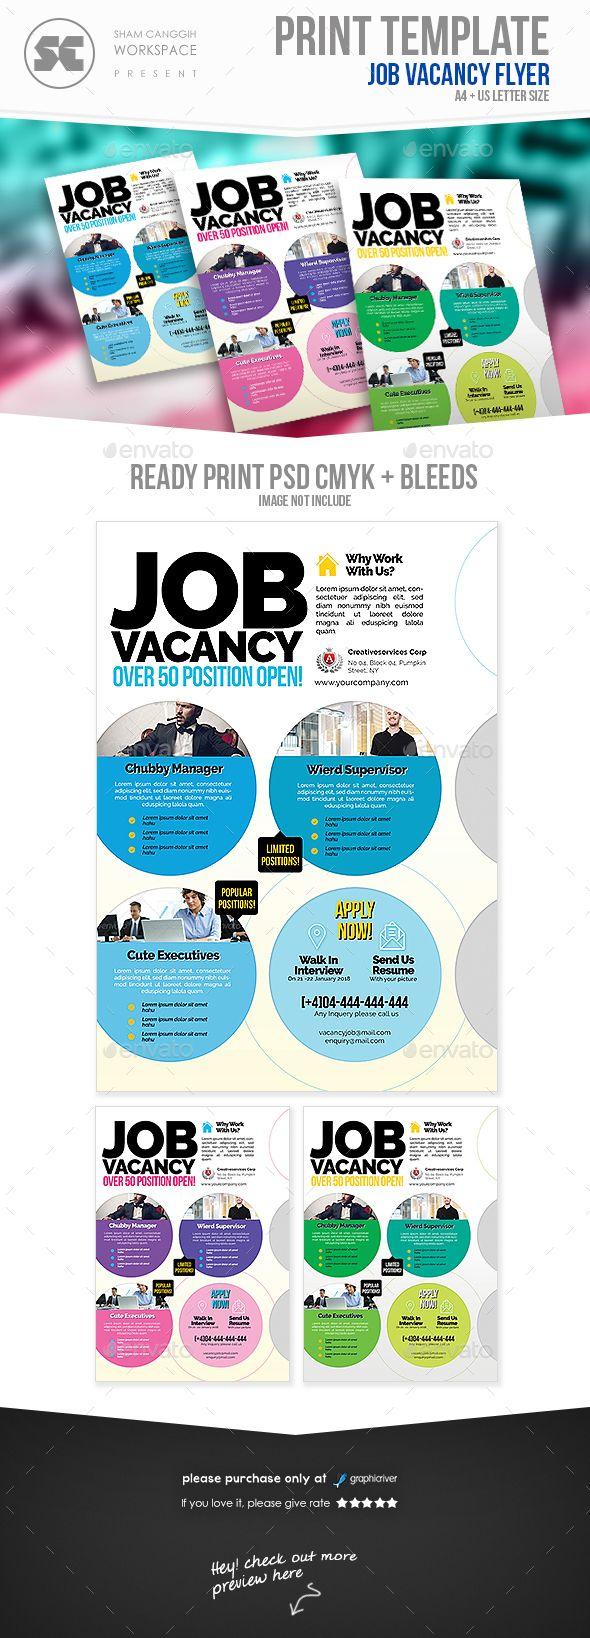 Job Vacancy Flyer - Corporate Flyers Download here: https ...